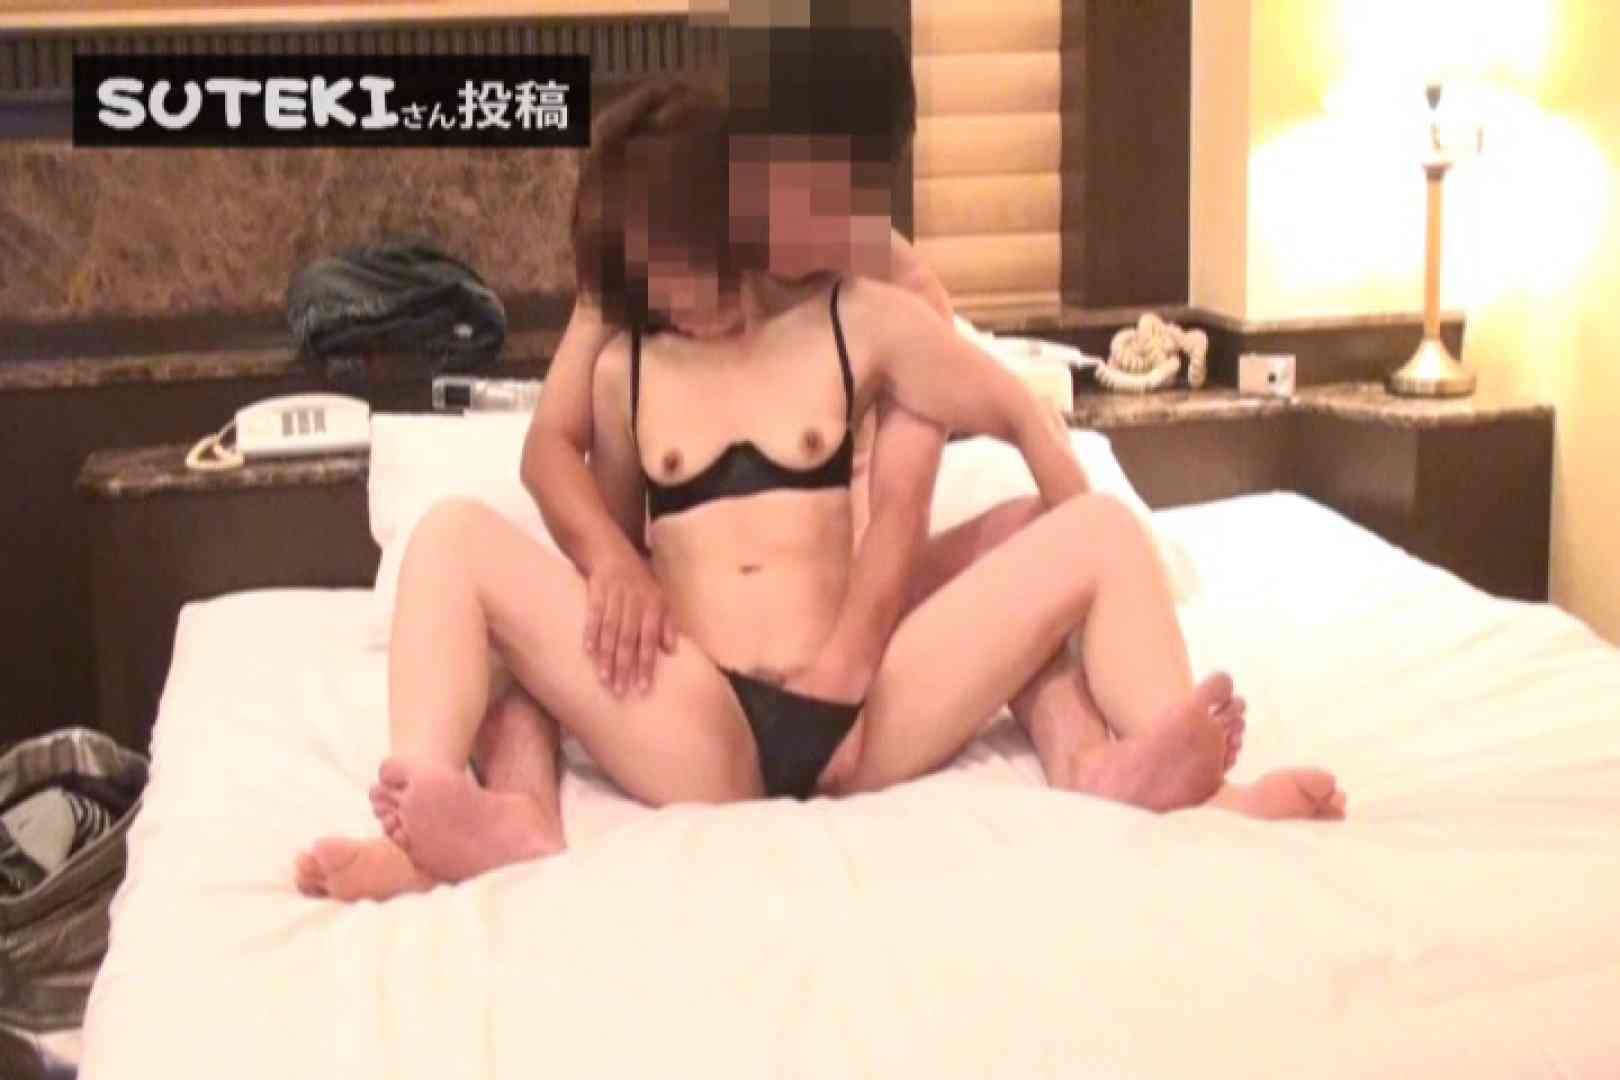 SUTEKIさん投稿 エナメルオープンブラ 一般投稿  95枚 25